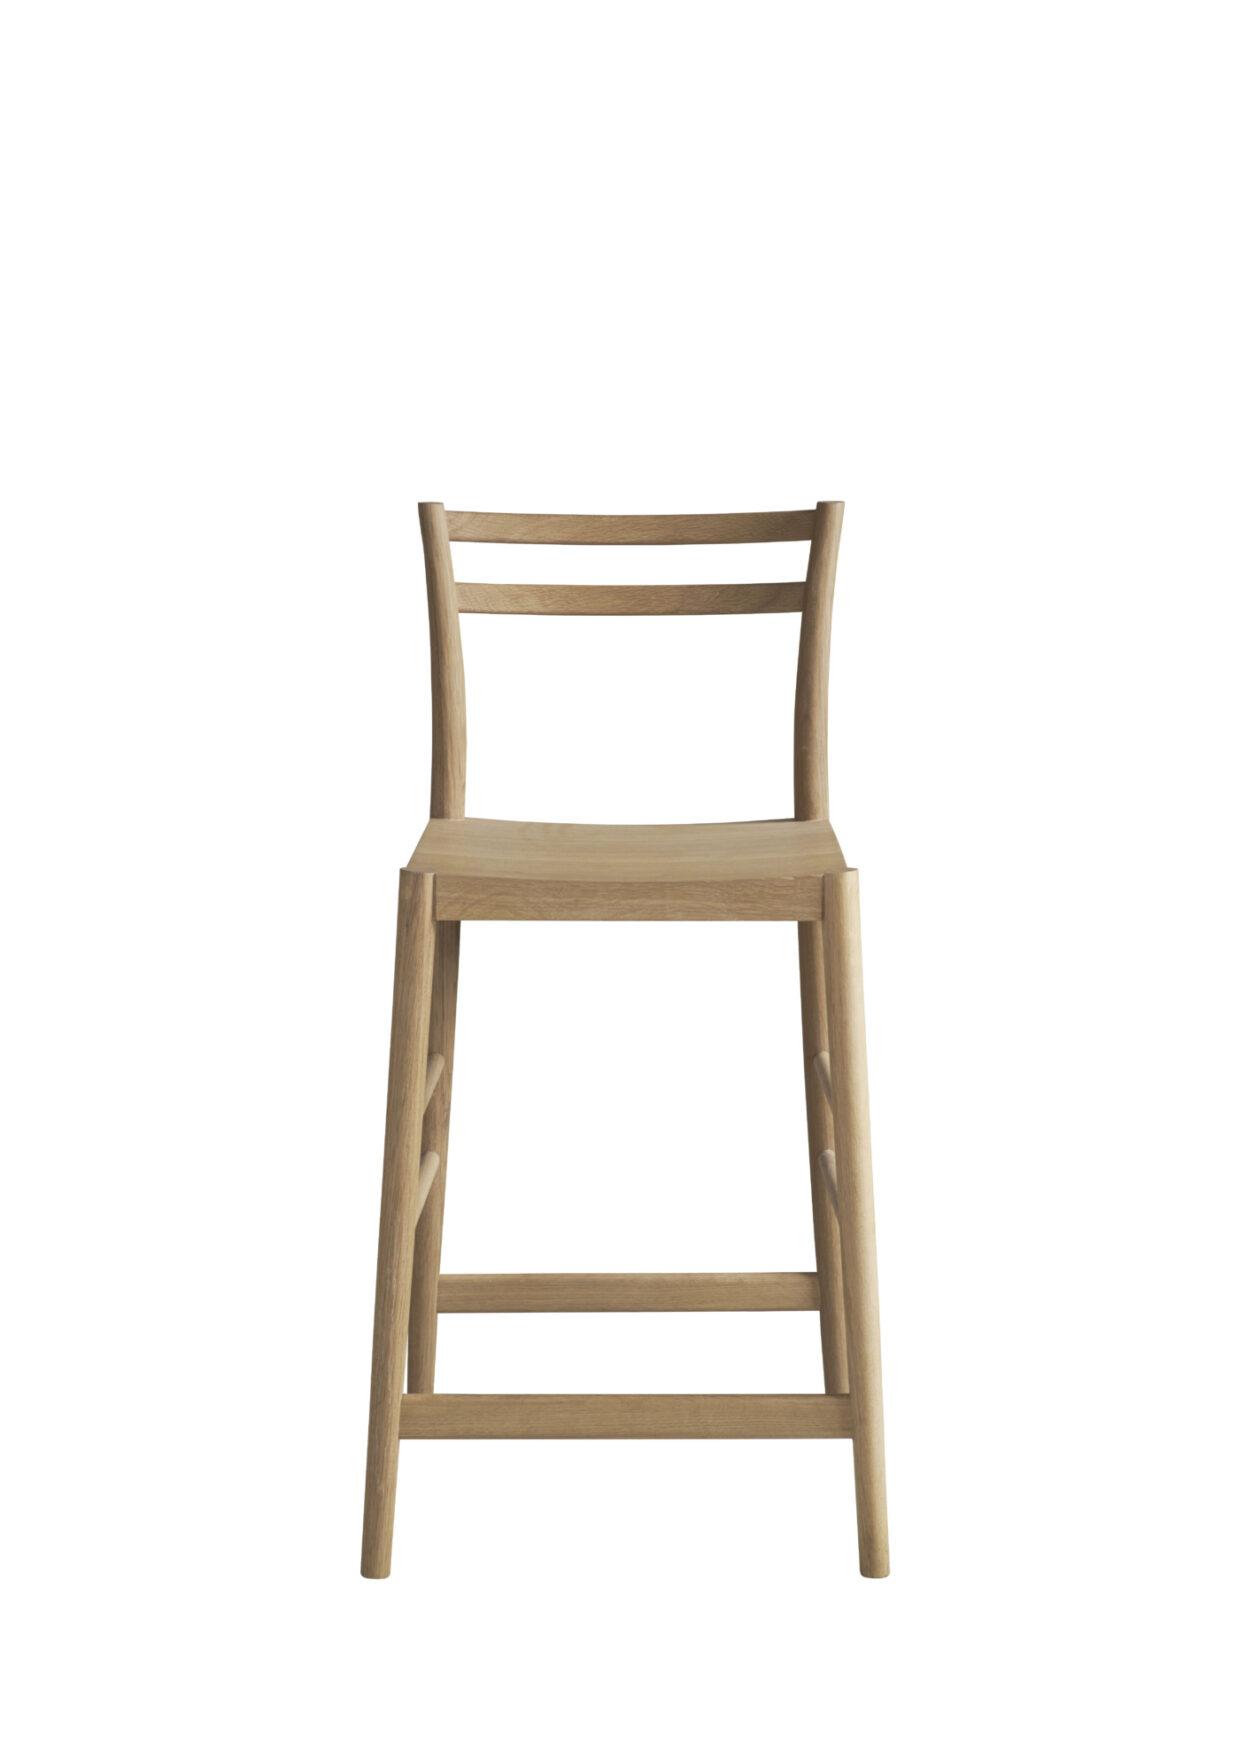 Avery bar stool oak LR CO 224 newcrop